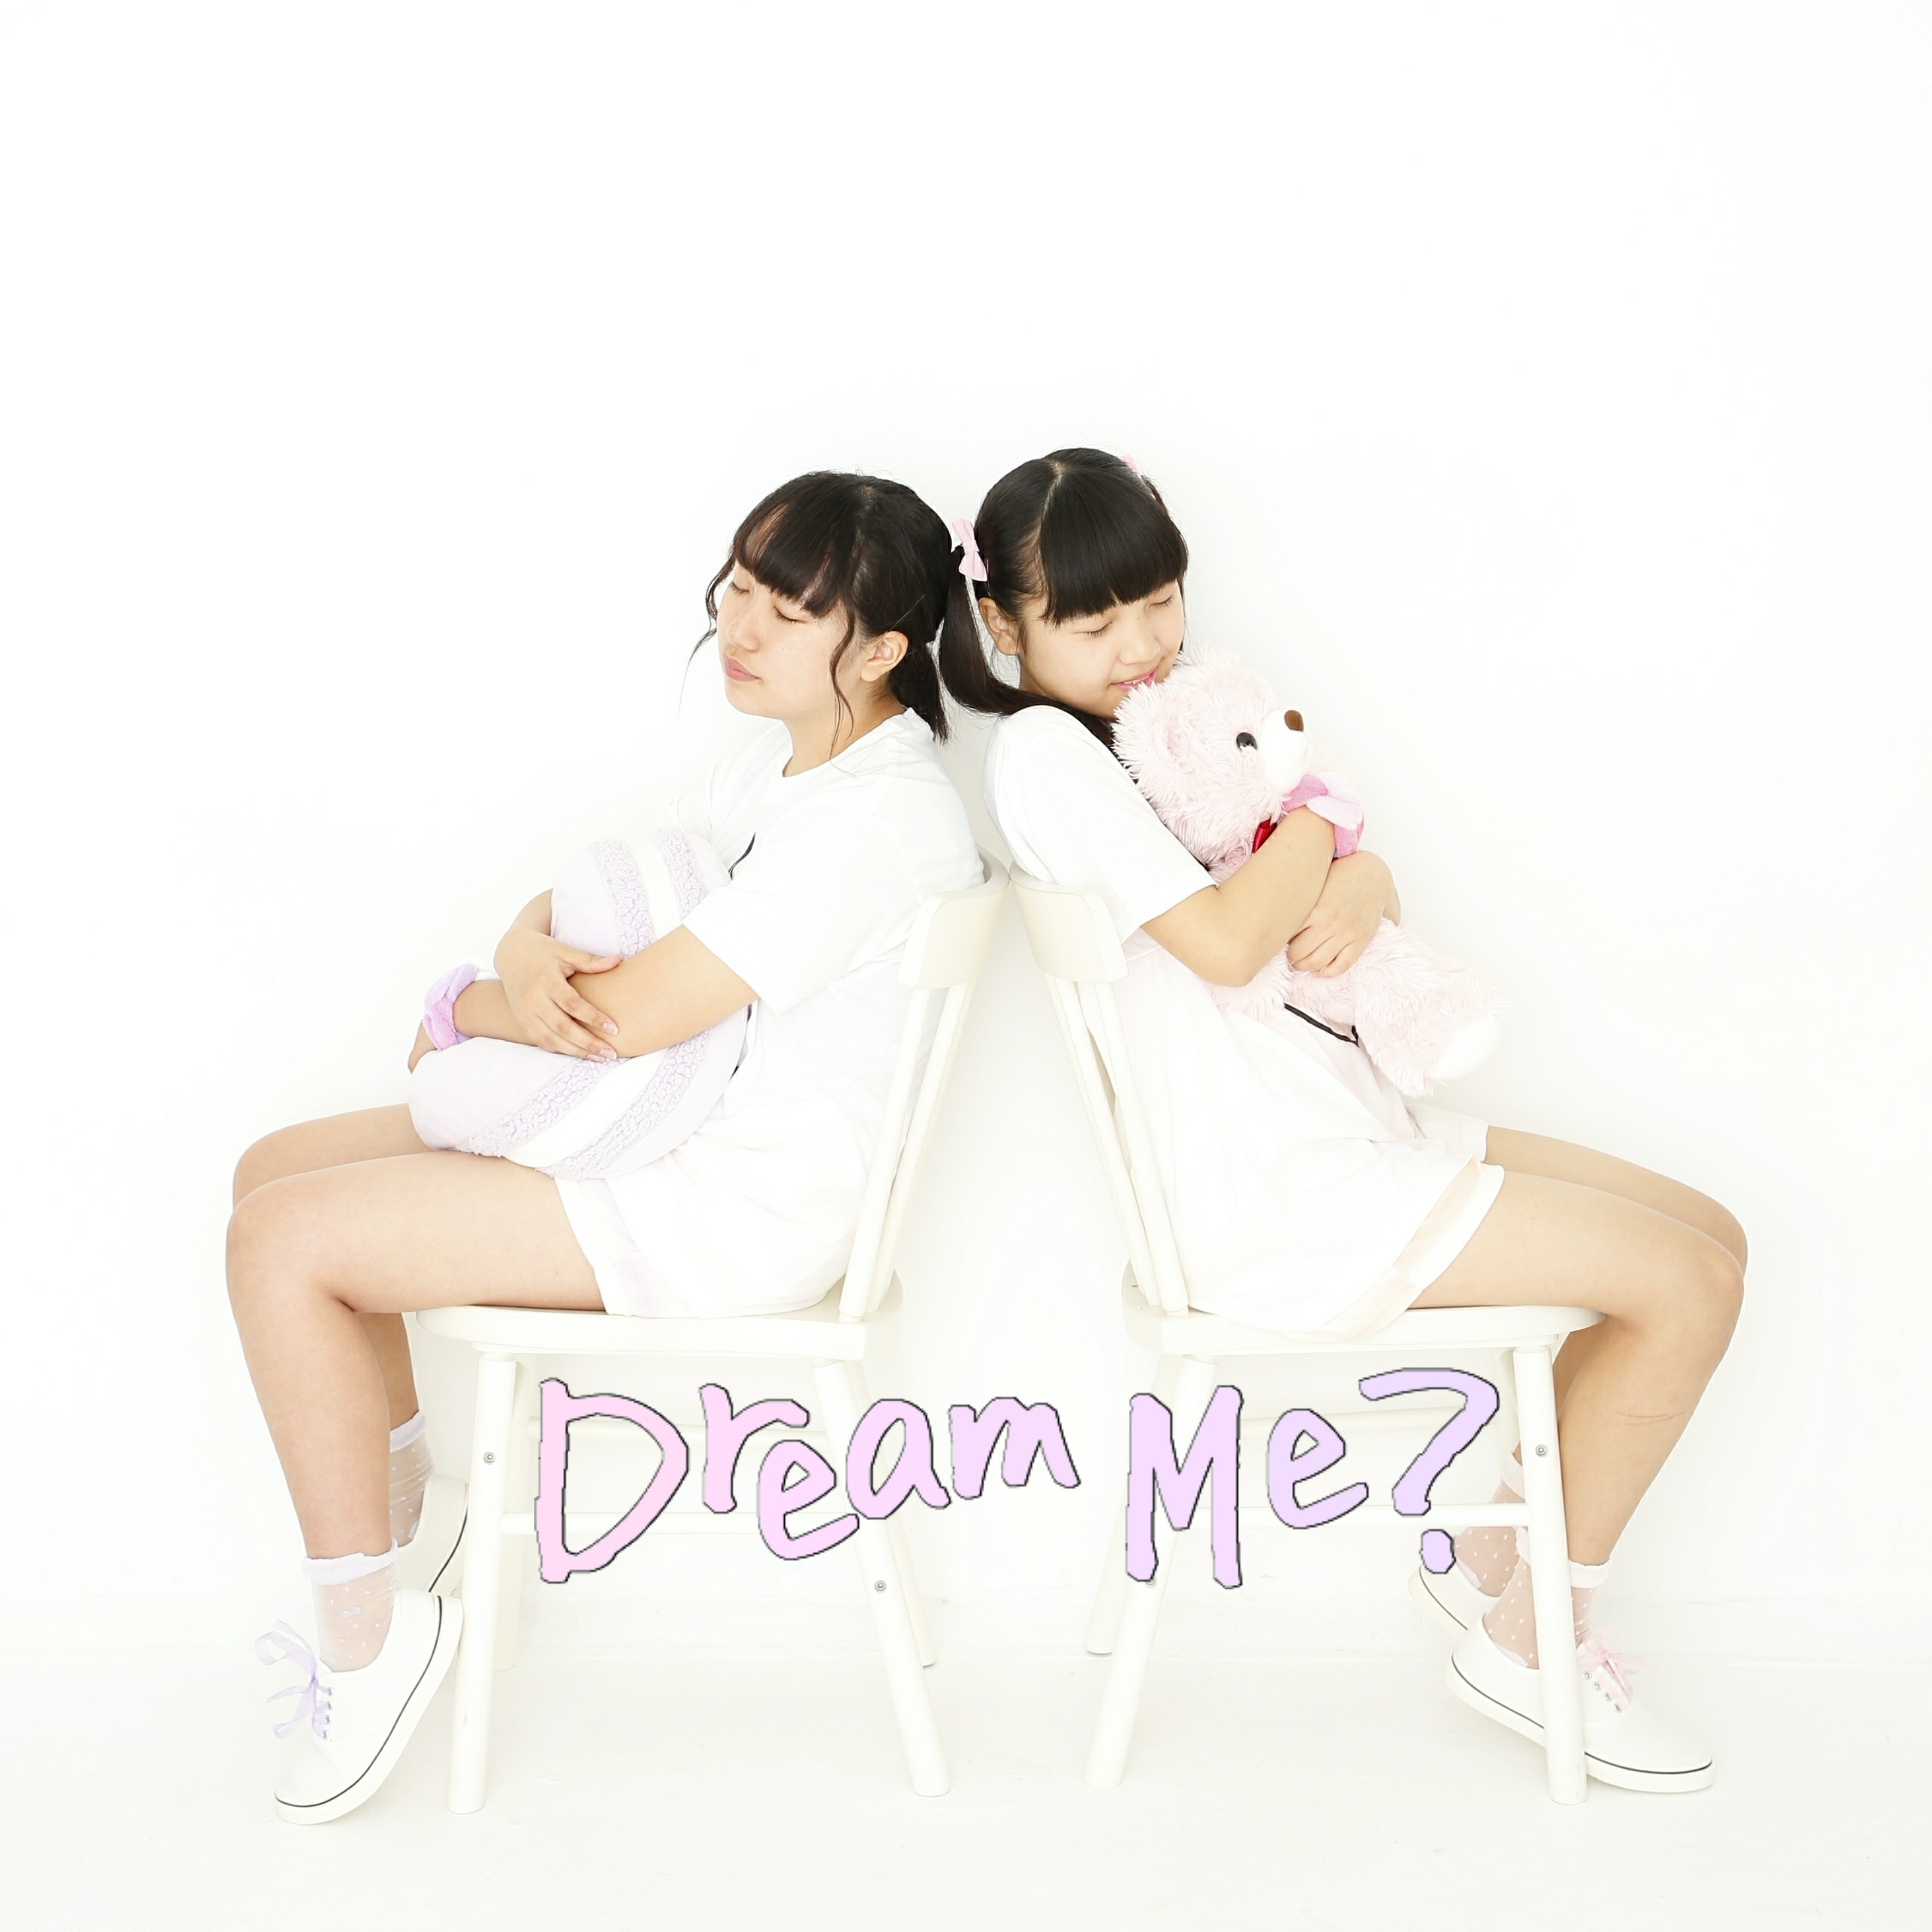 Dream Me?